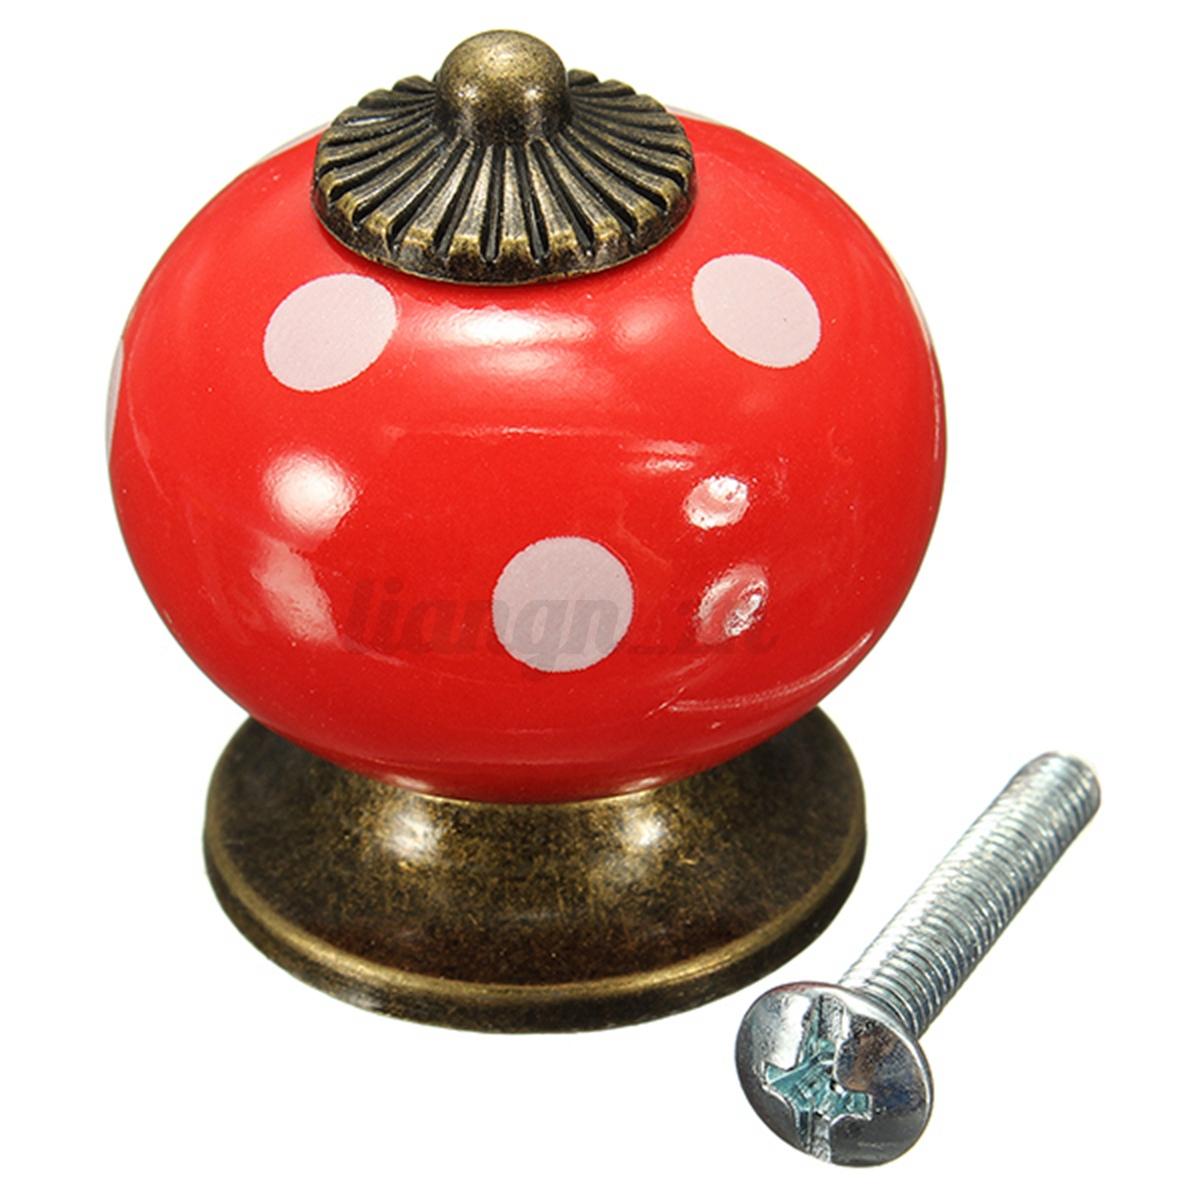 Poign e de porte bouton color citrouille c ramique pour - Poignee de porte ceramique ...